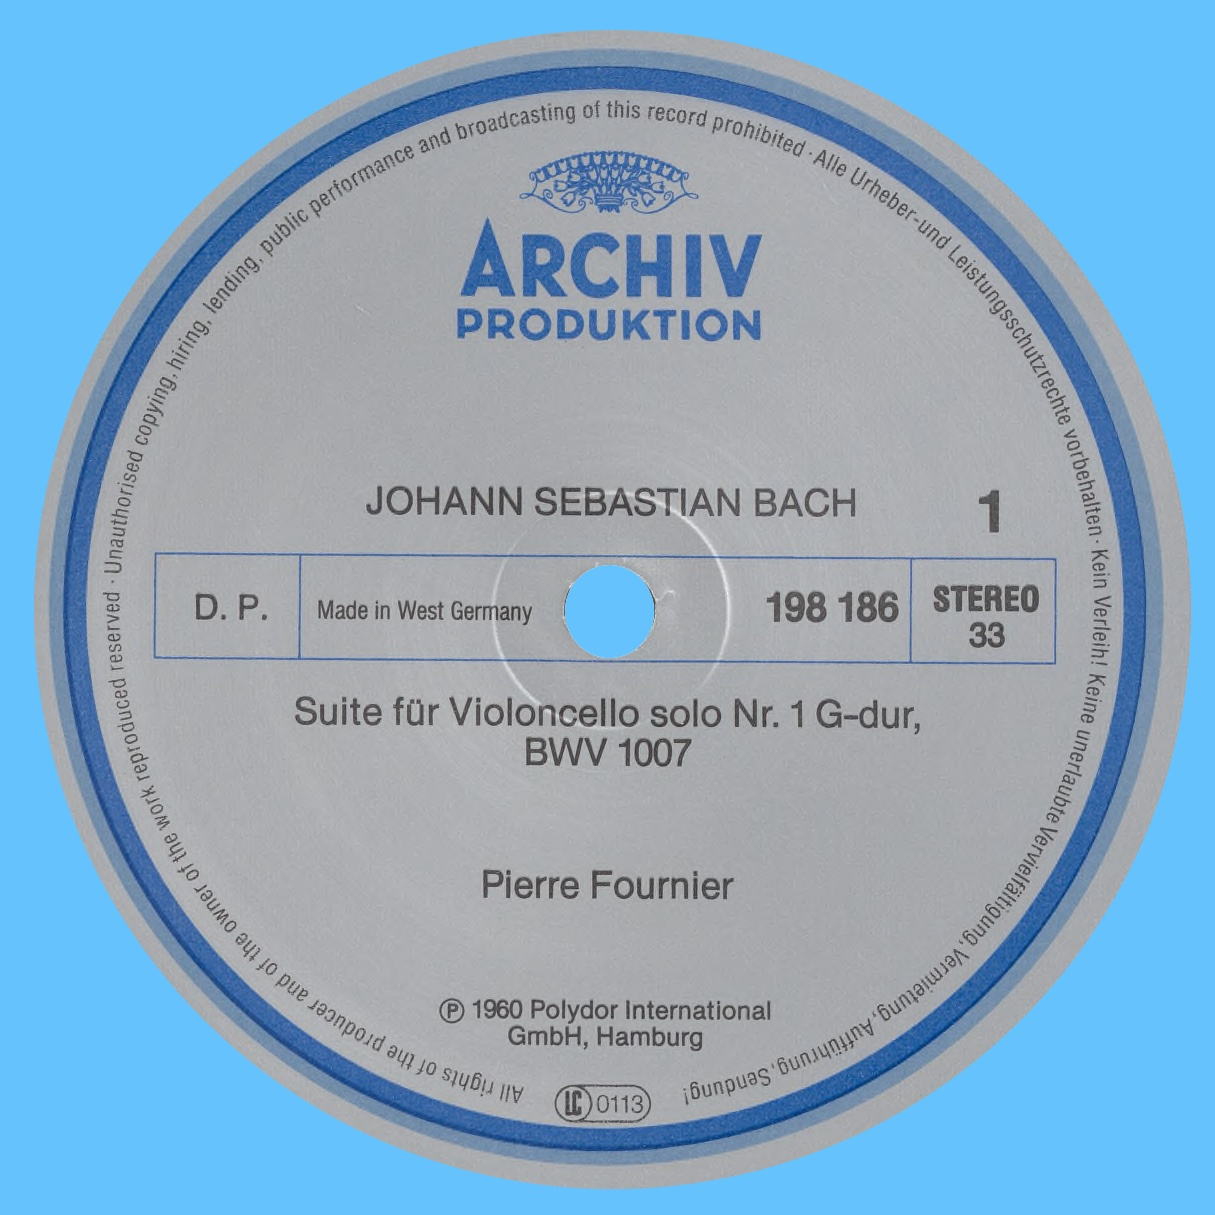 Étiquette recto du disque Archiv Produktion SAPM 198 186